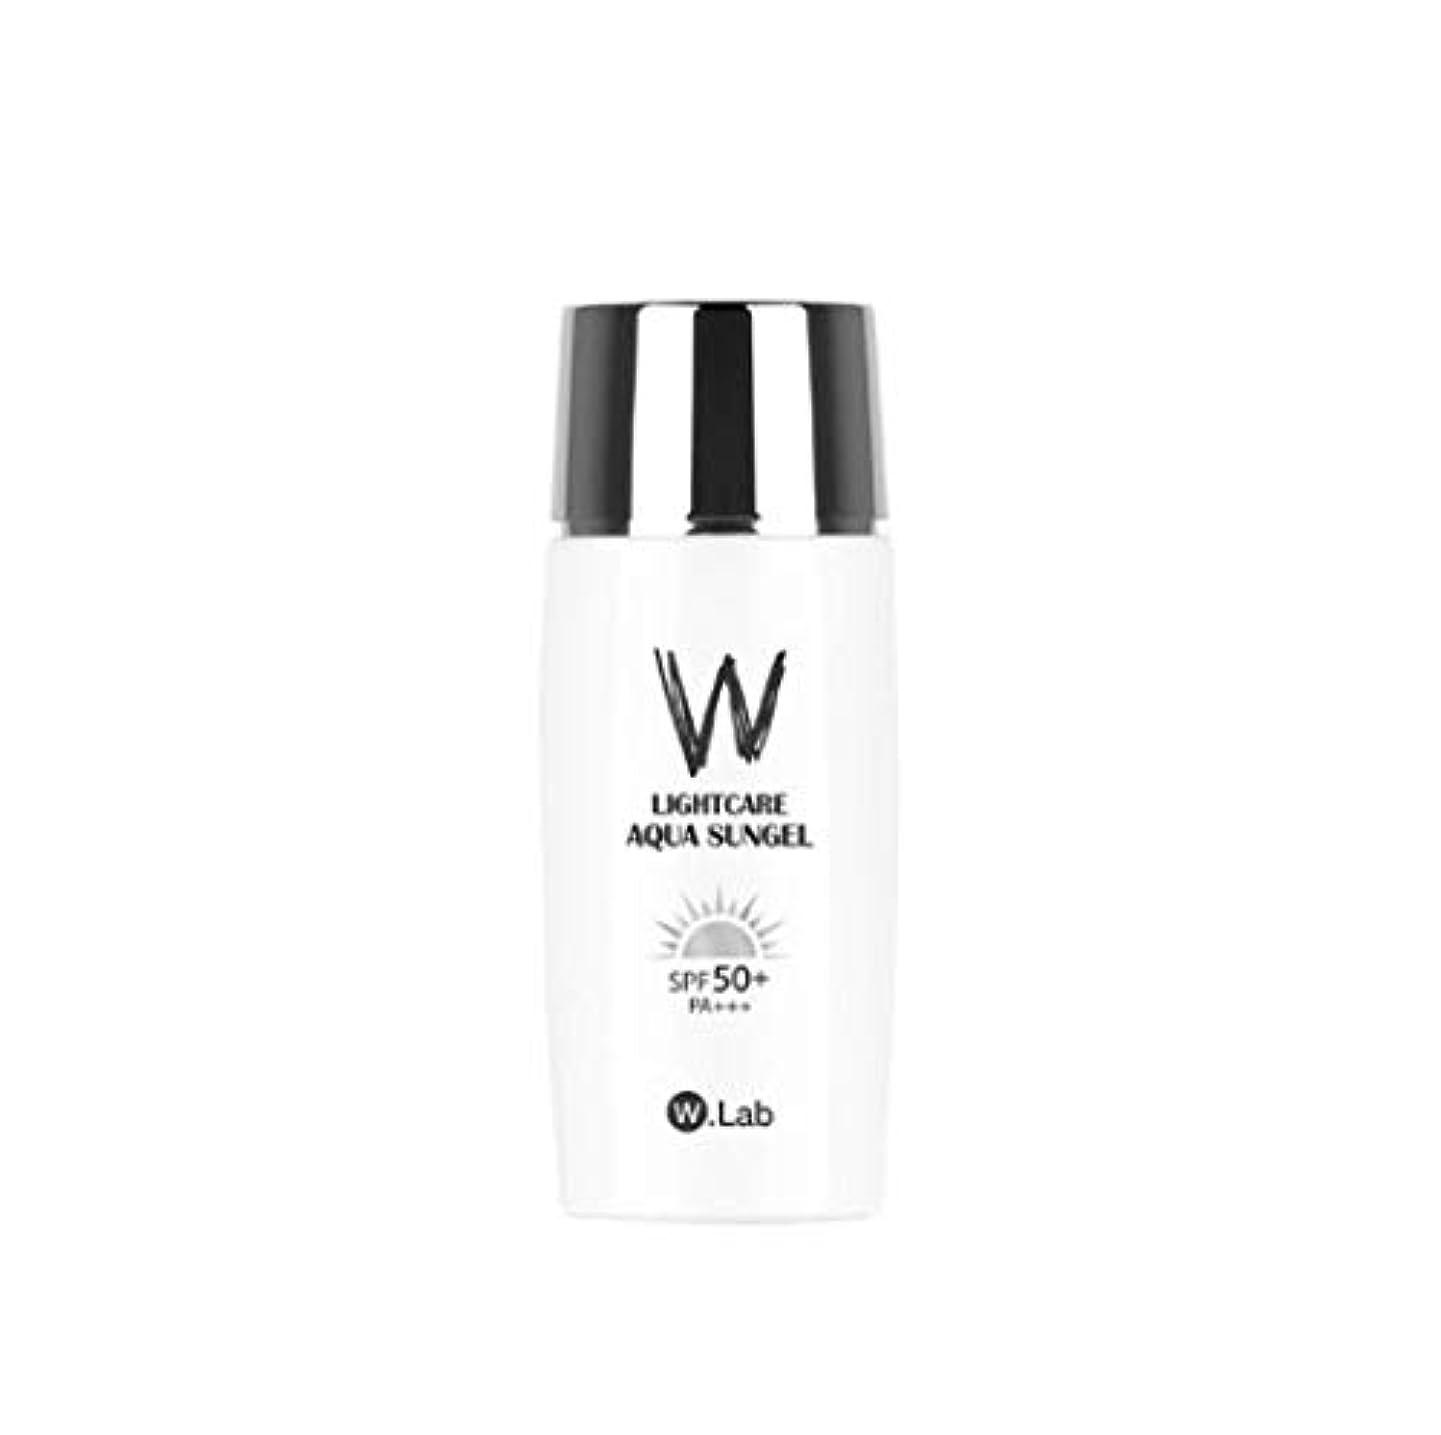 討論洋服傀儡W.Lab Light Care Aqua Sun Gel Sunscreen SPF PA+++ 50+ Daily Care Solution SPF 50 PA+++ Face Body Water Resistant...